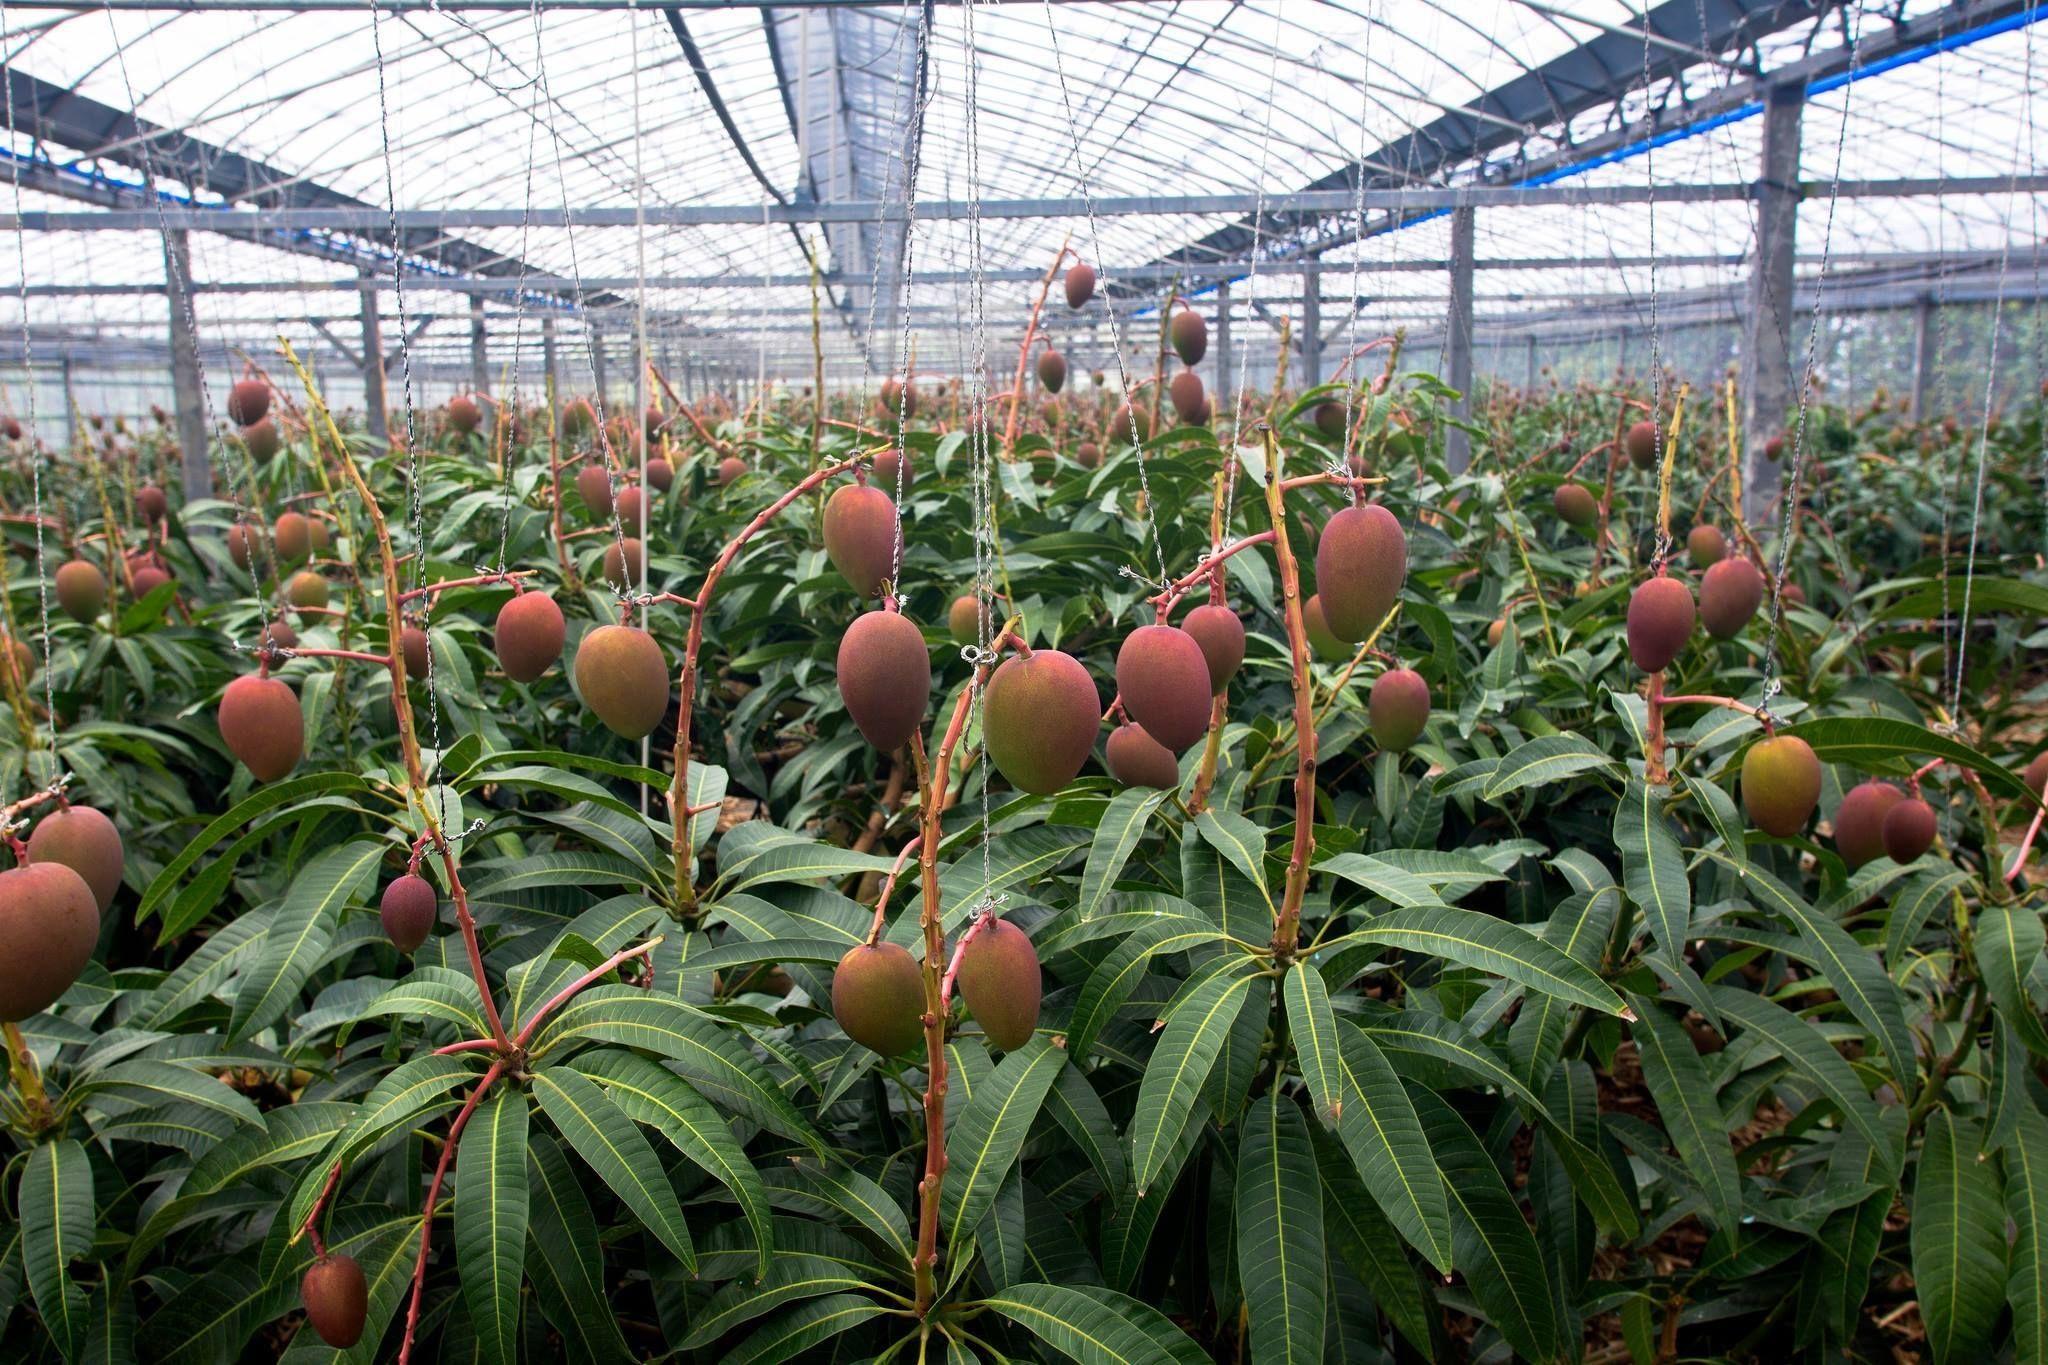 espalier fruit trees in asia Google Search Espalier